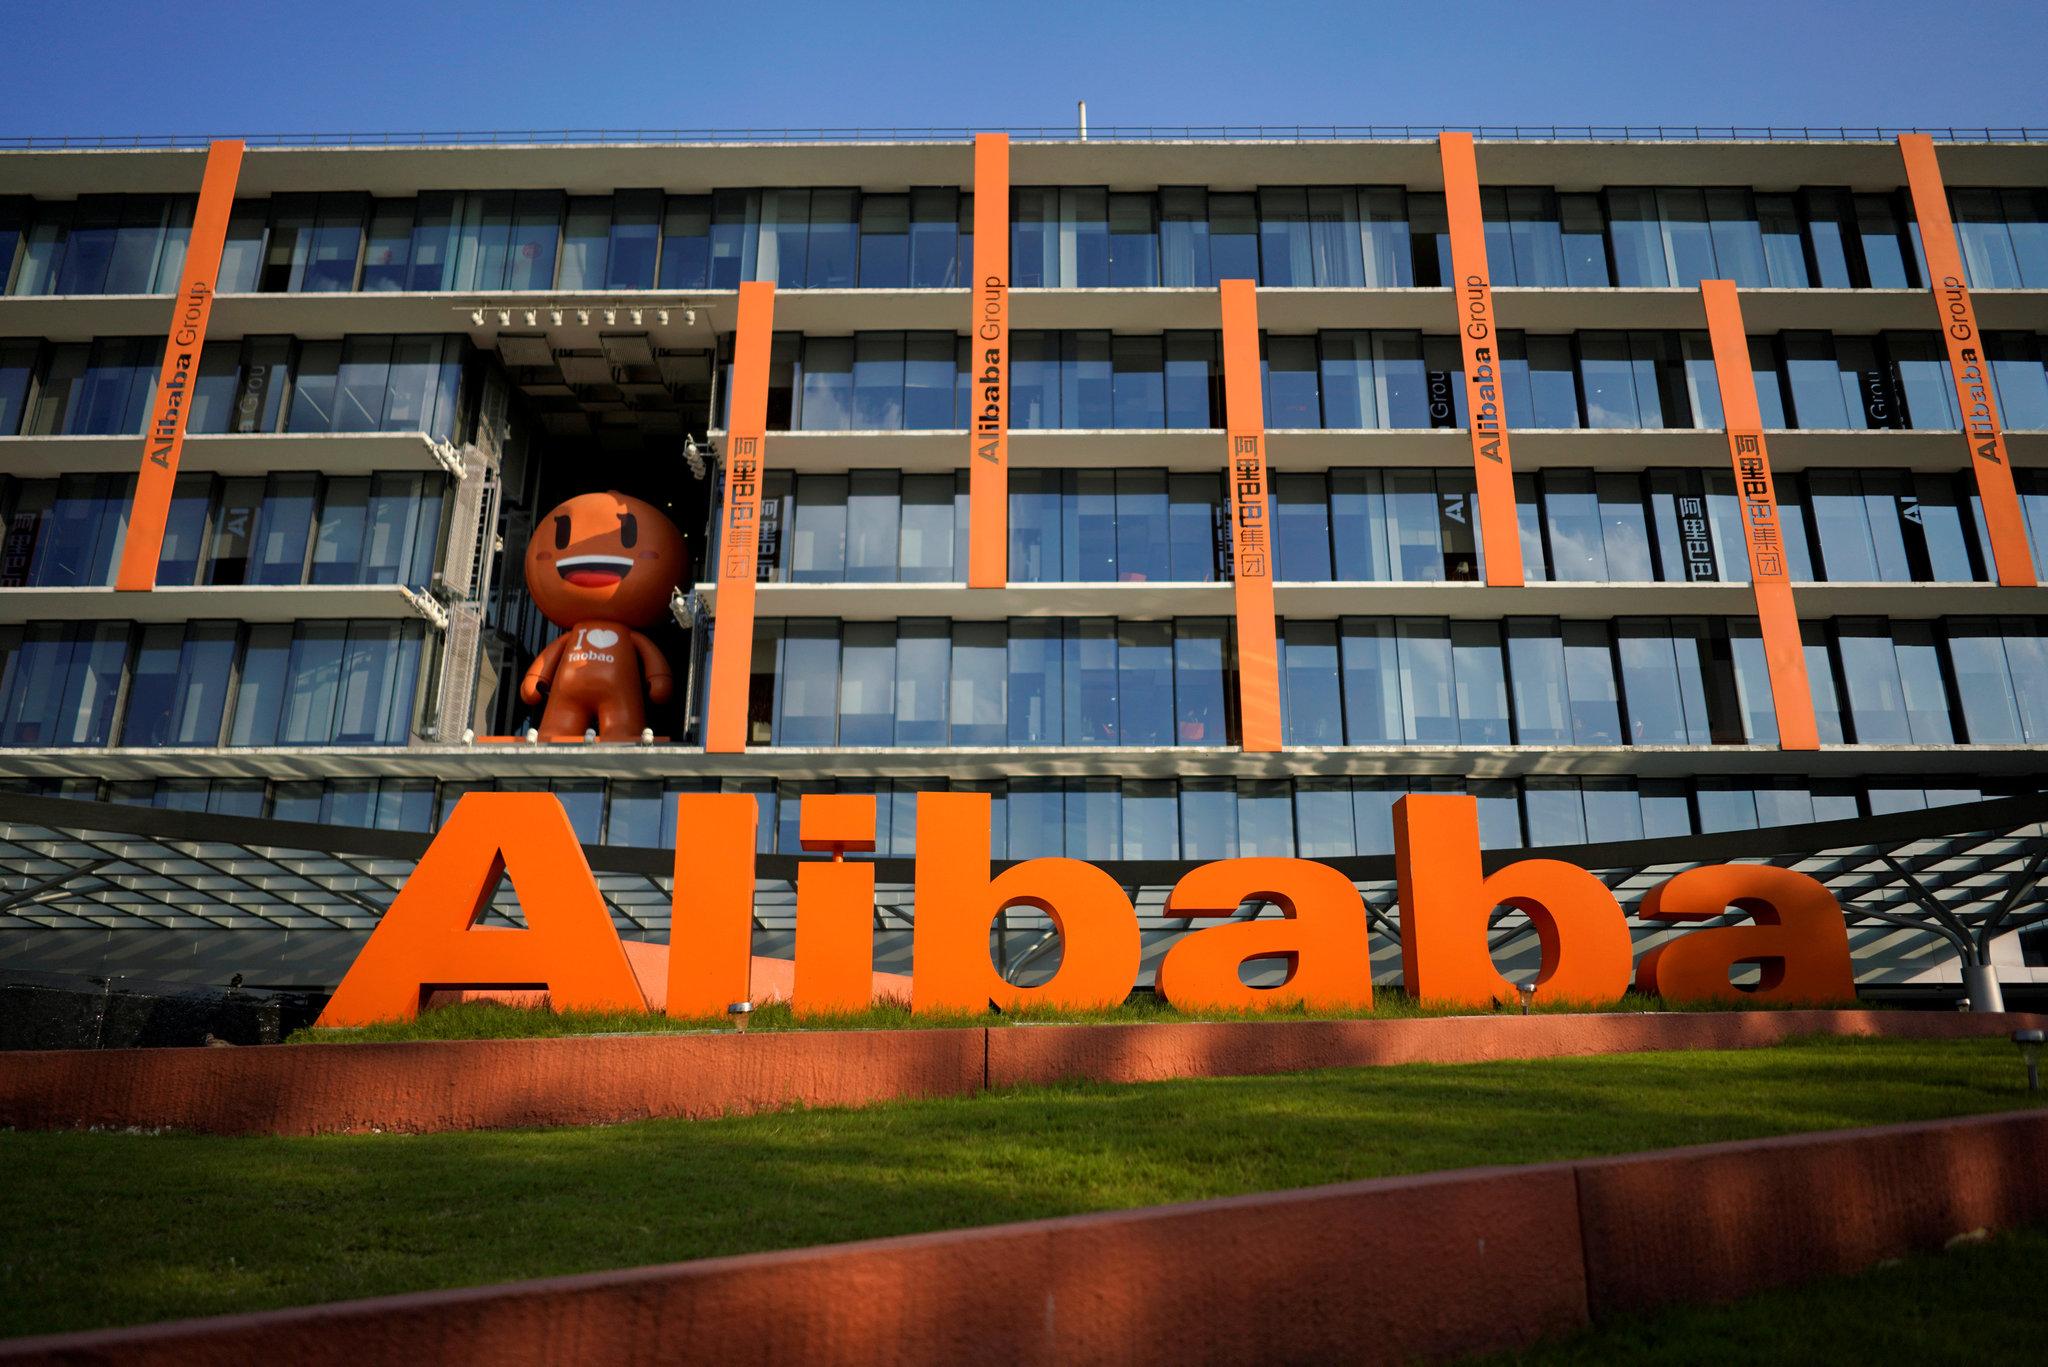 解釋買入港股阿里巴巴的原因,並分享我的看法。